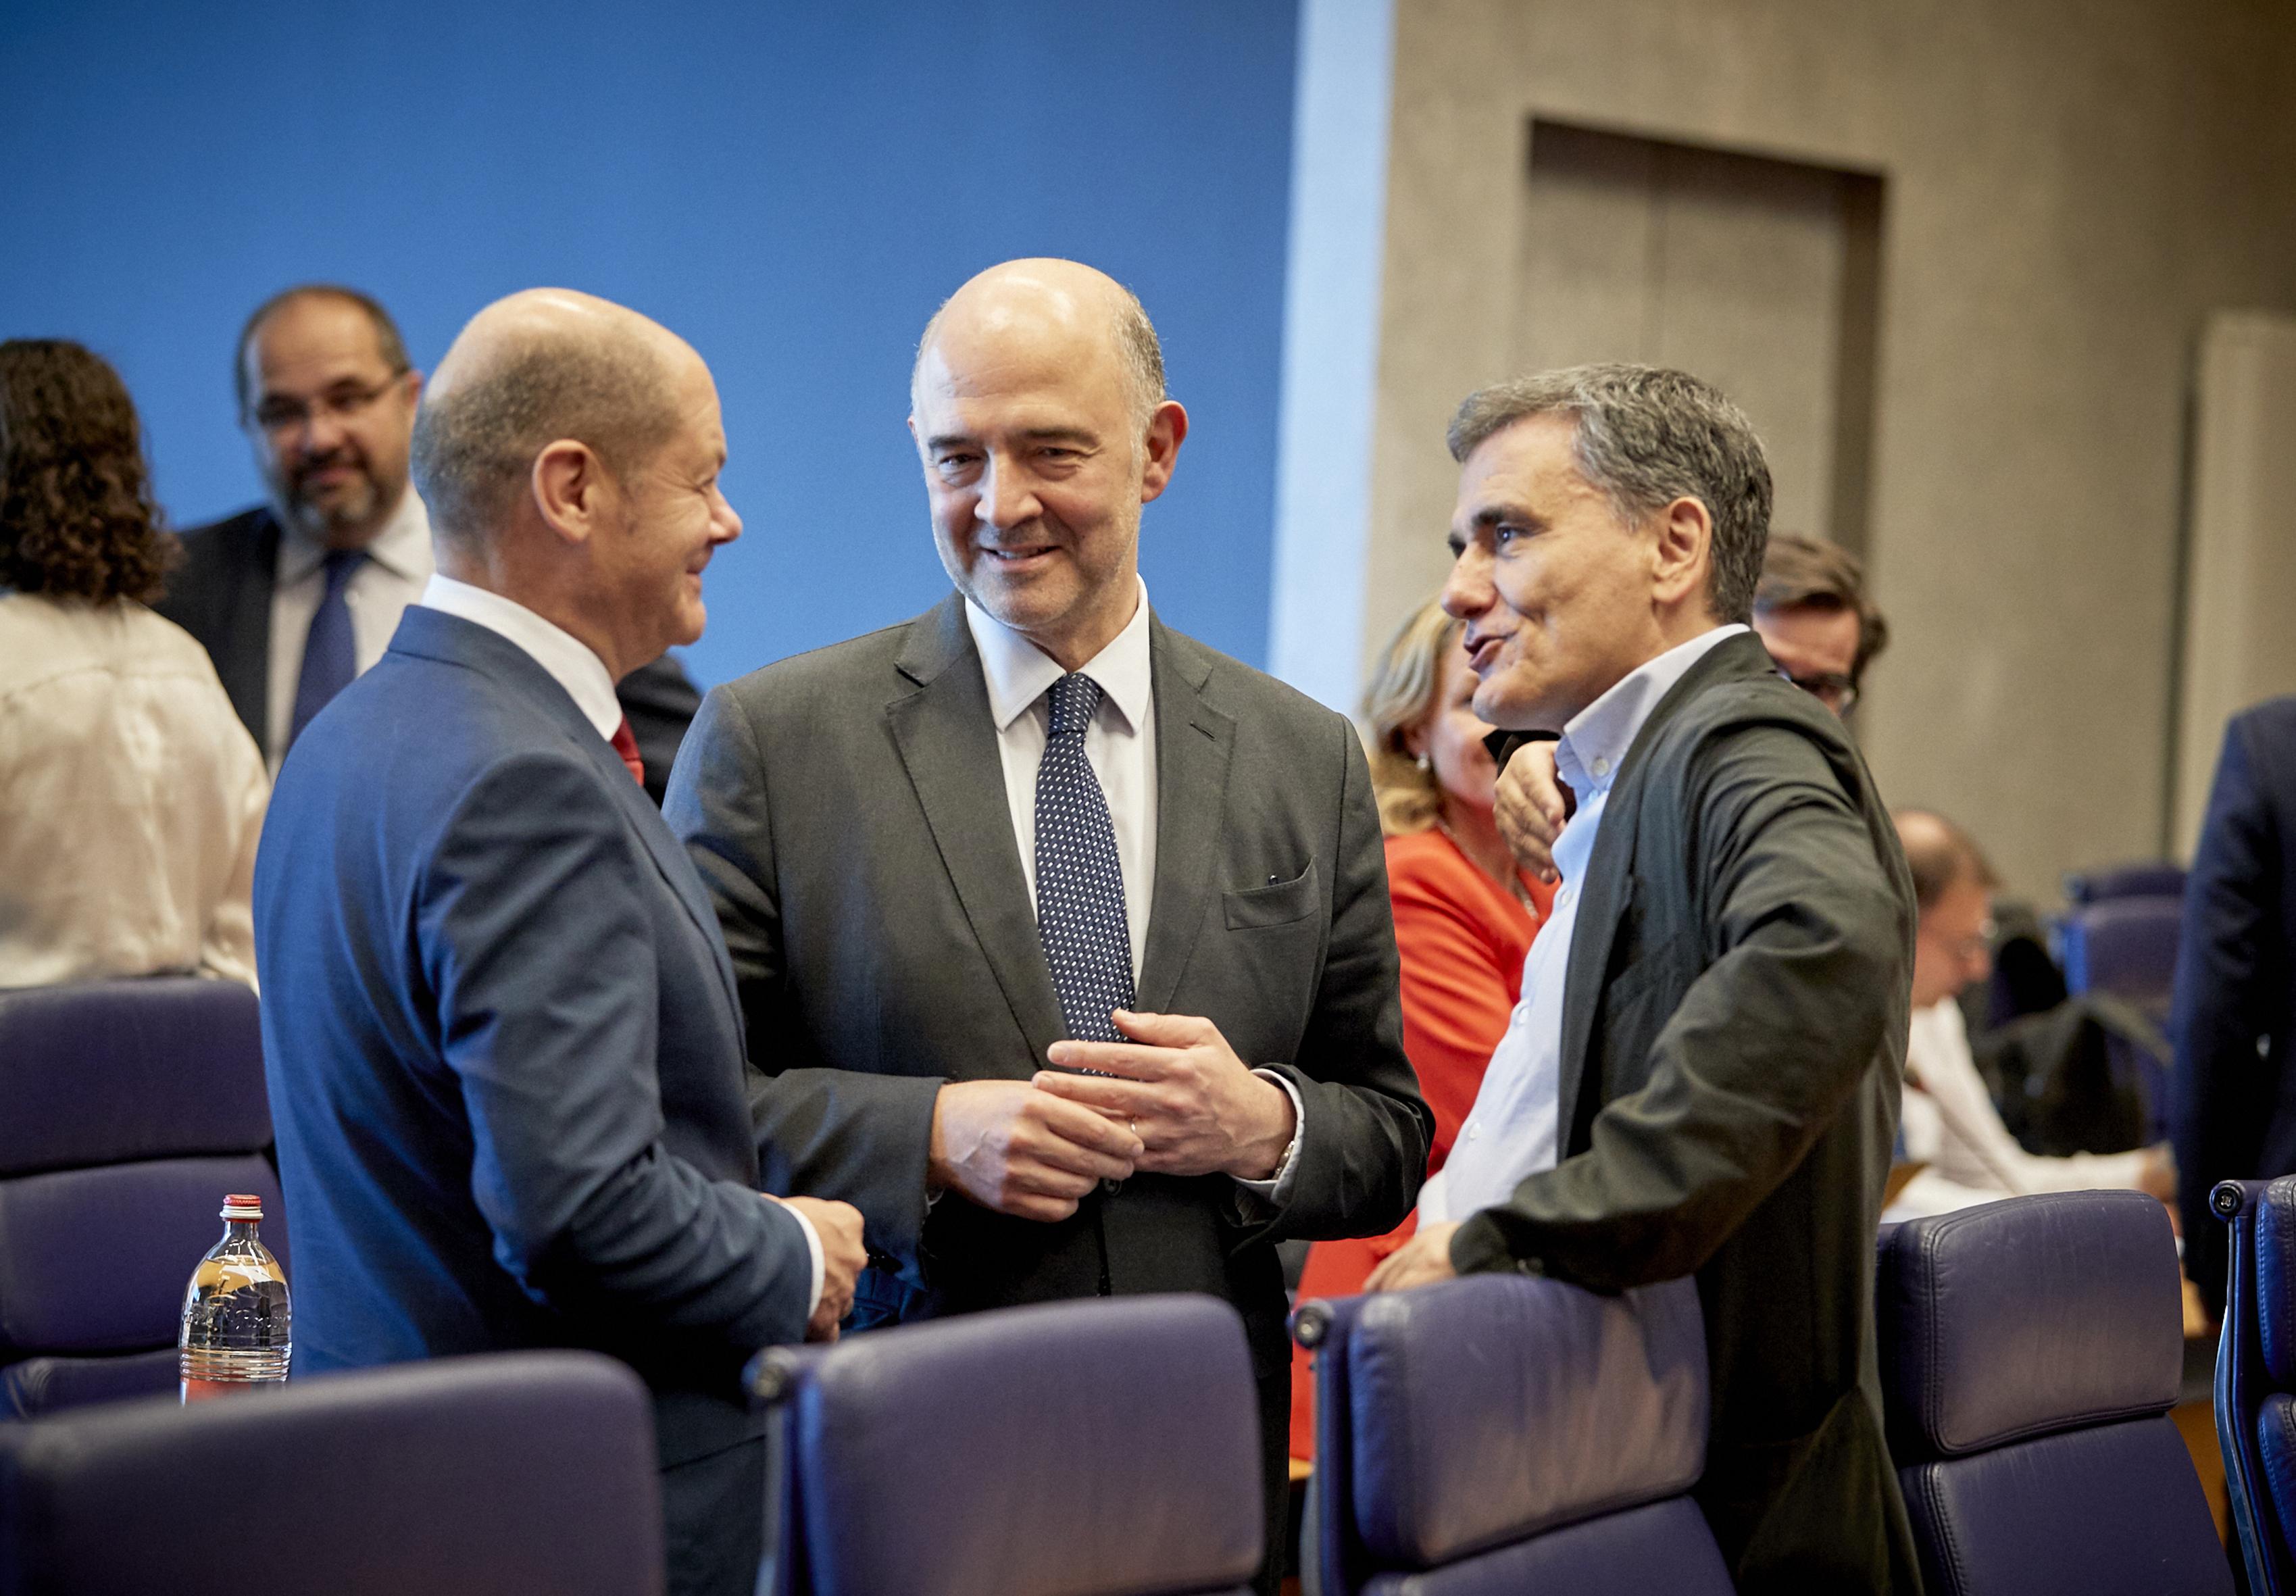 Σολτς: Σύντομα η Ελλάδα θα μπορεί να σταθεί στα πόδια της | tovima.gr